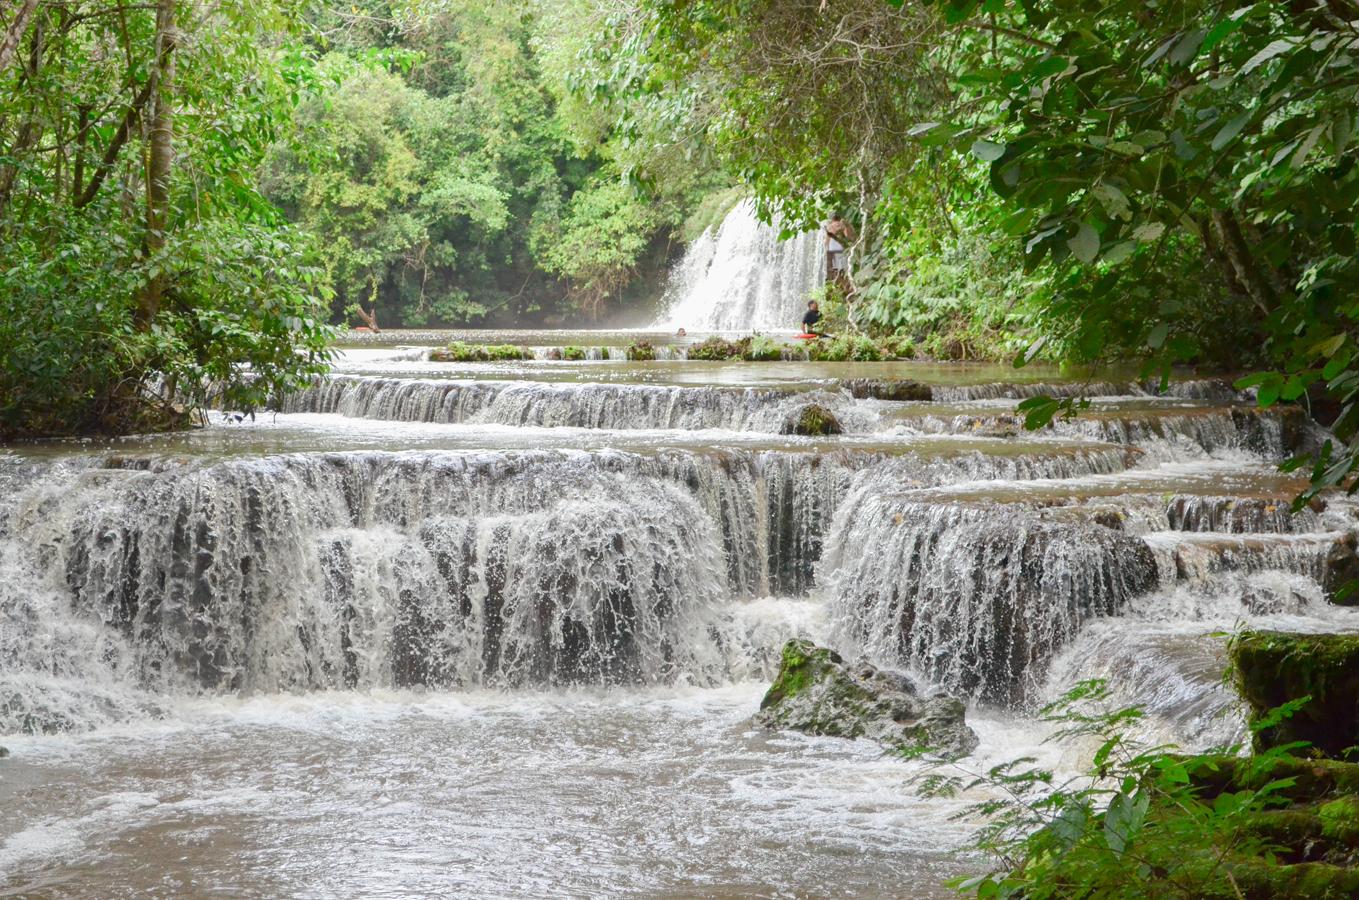 cachoeira-da-agua-doce-estancia-mimosa-bonito.jpg